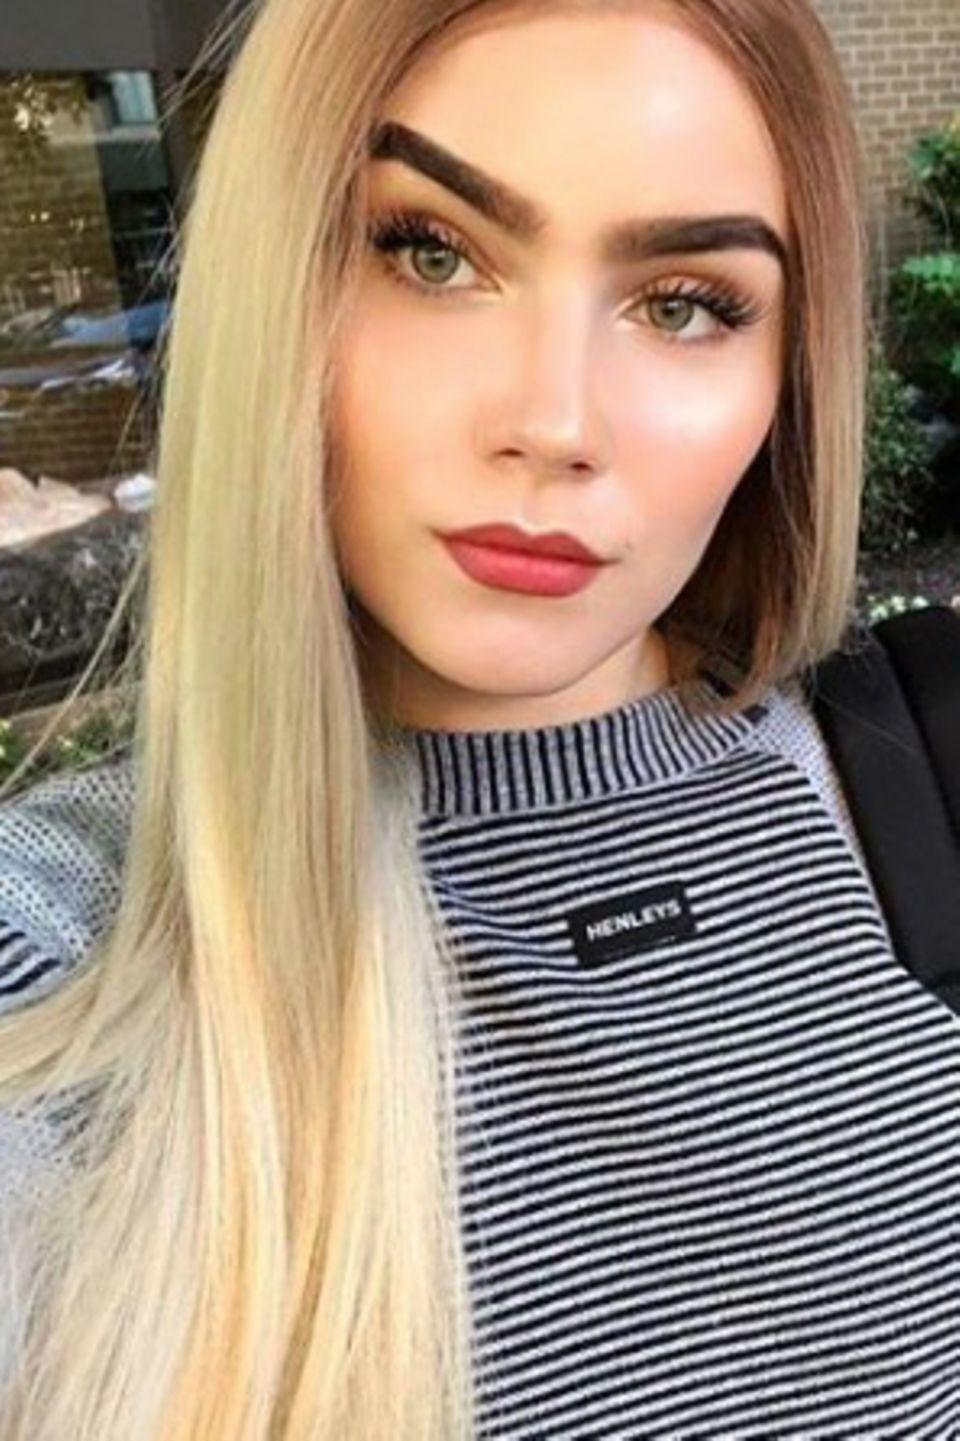 Neuer Look für Nathalie Volk? Das 21-jährige Model zeigt sich auf diesem Selfie auf Instagram mit blonden Haaren statt dunkler Mähne. Ob es sich dabei um eine Perücke handelt oder wirklich eine neue Haarfarbe? Nathalie klärt es bisher nicht auf.